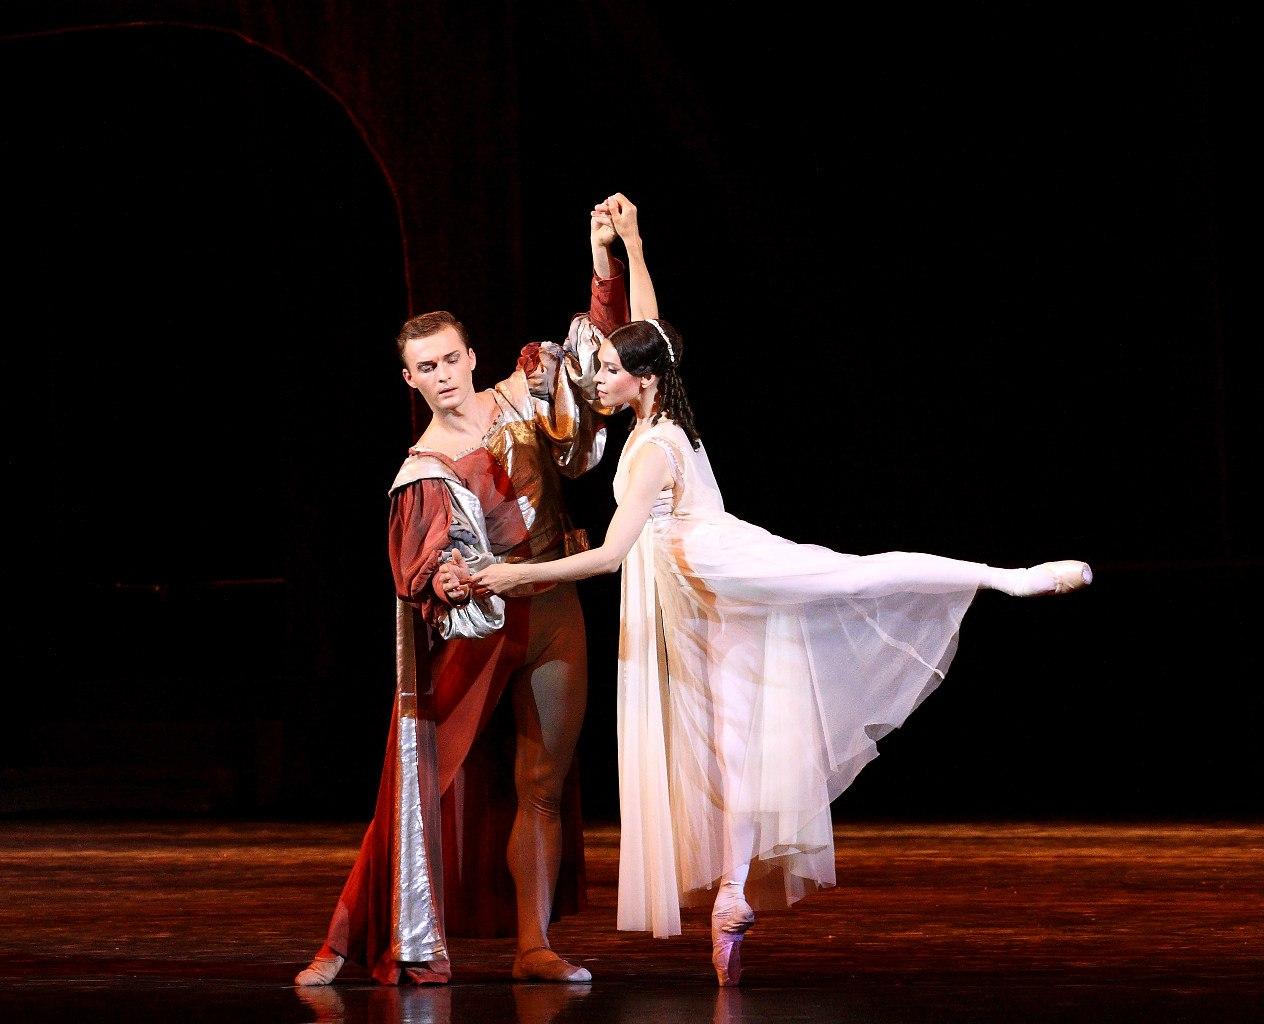 появление южной картинки балет ромео и джульетта украшен елками, гирляндами